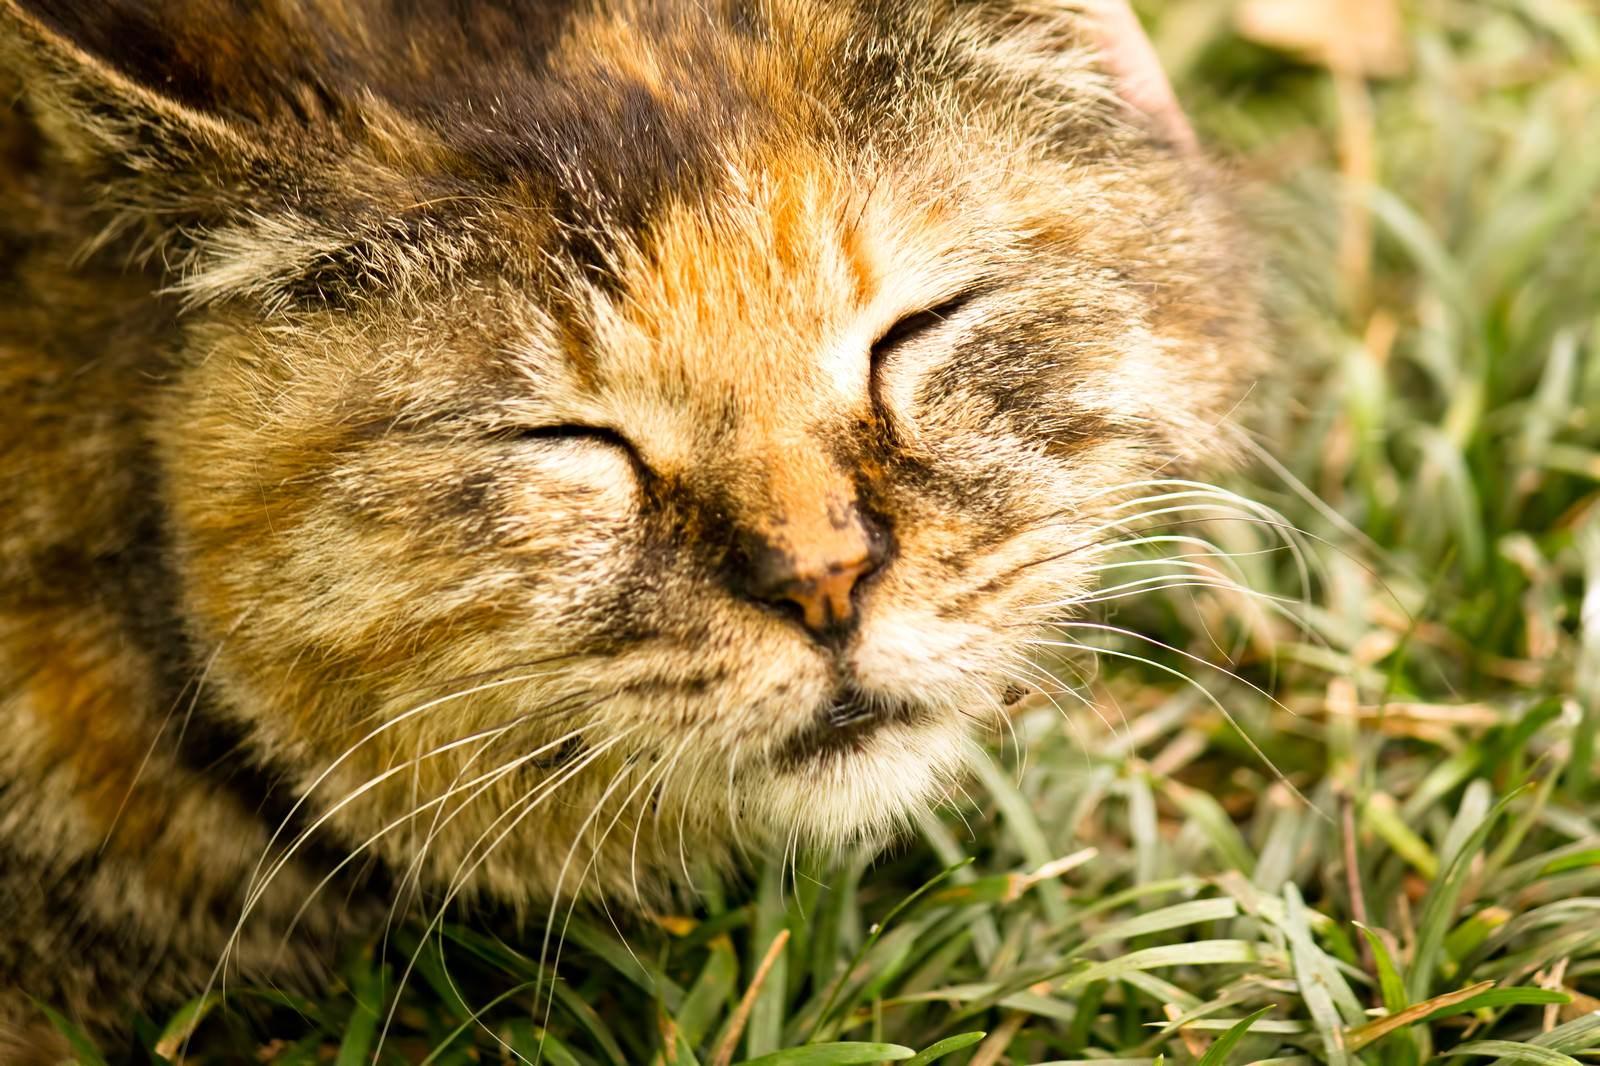 「気持ちよさげな猫気持ちよさげな猫」のフリー写真素材を拡大